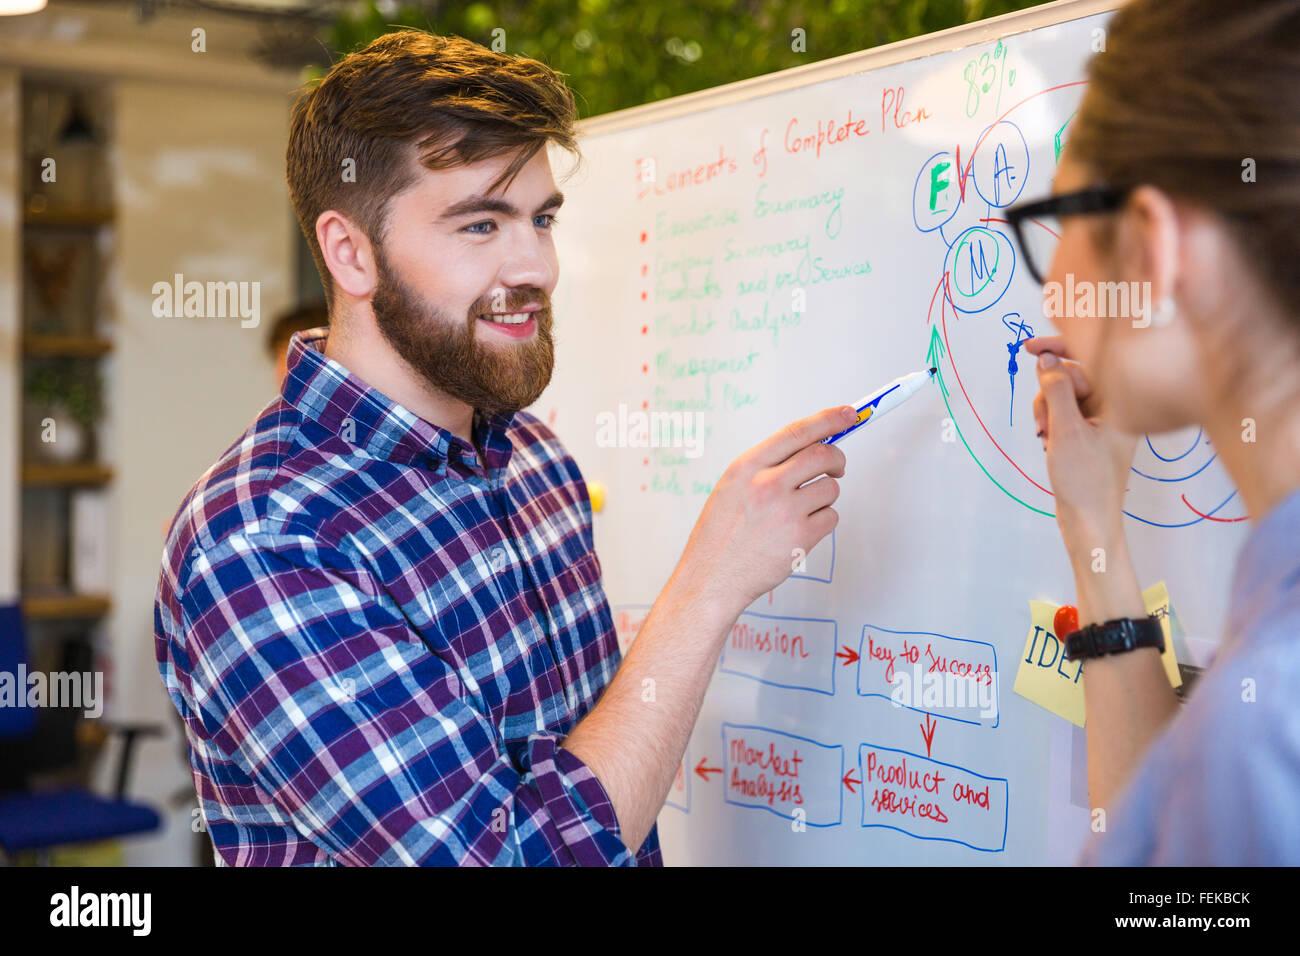 Dos personas jóvenes discutiendo acerca del plan de negocios en la oficina Imagen De Stock